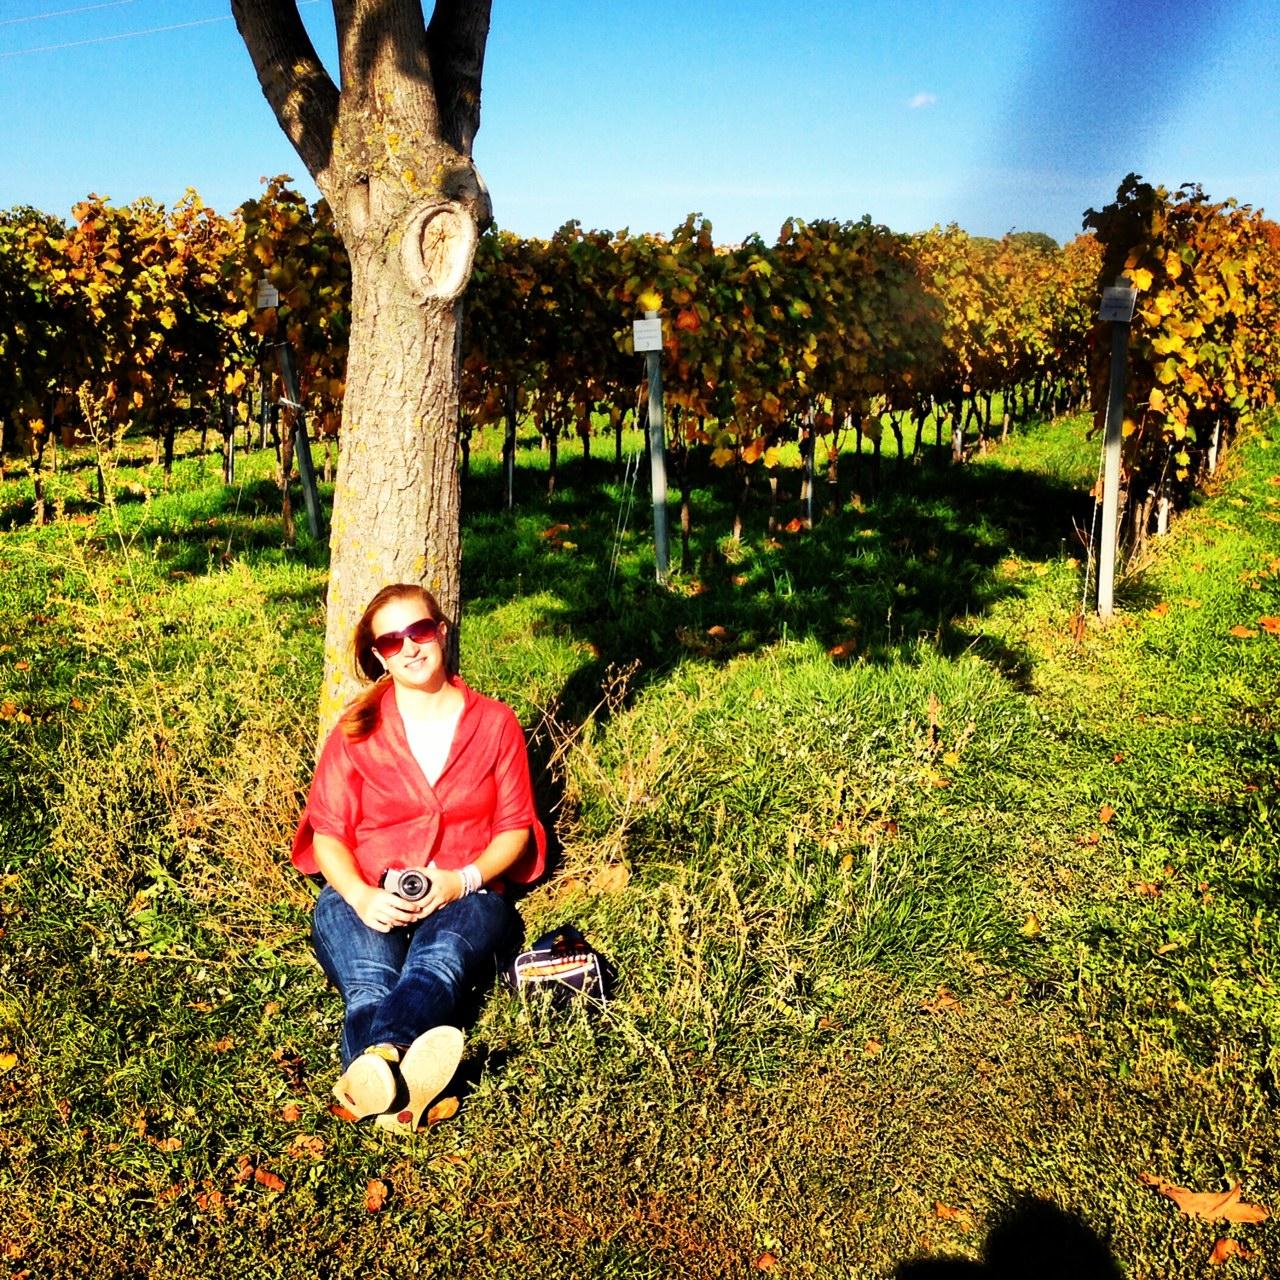 Gemütlich ausspannen kann man um diese Jahreszeit besonders schön, zum Beispiel in der Nachmittagssonne an einen Nussbaum inmitten der Weingärten des Nordburgenlandes gelehnt ...